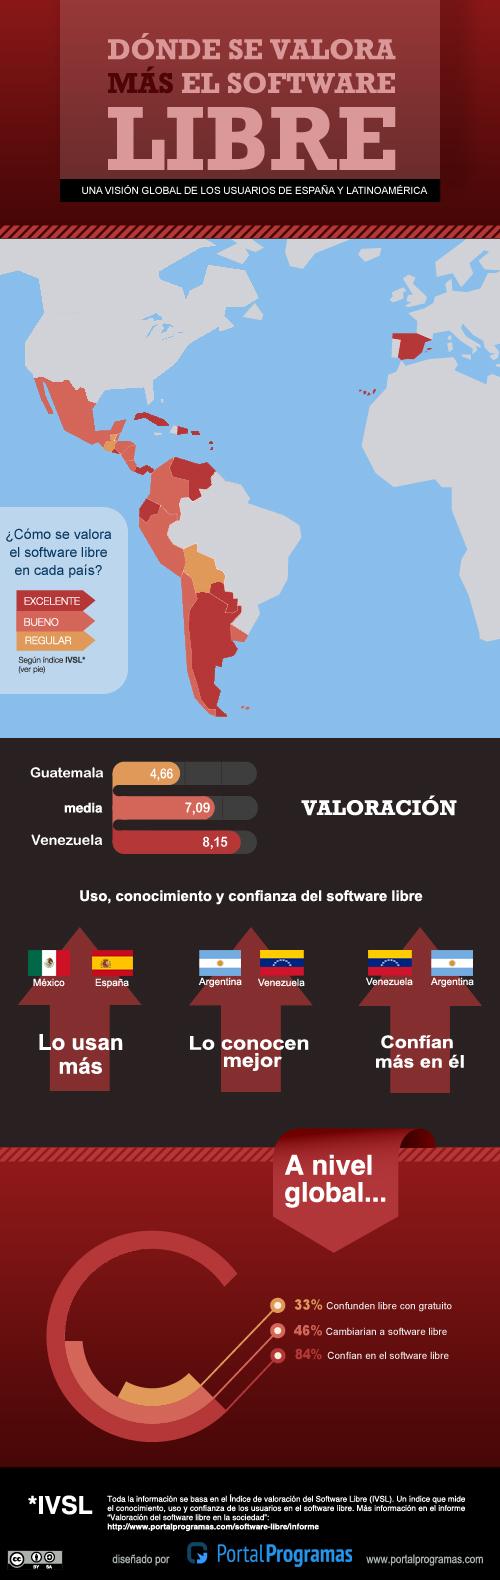 infografia2012_imagen